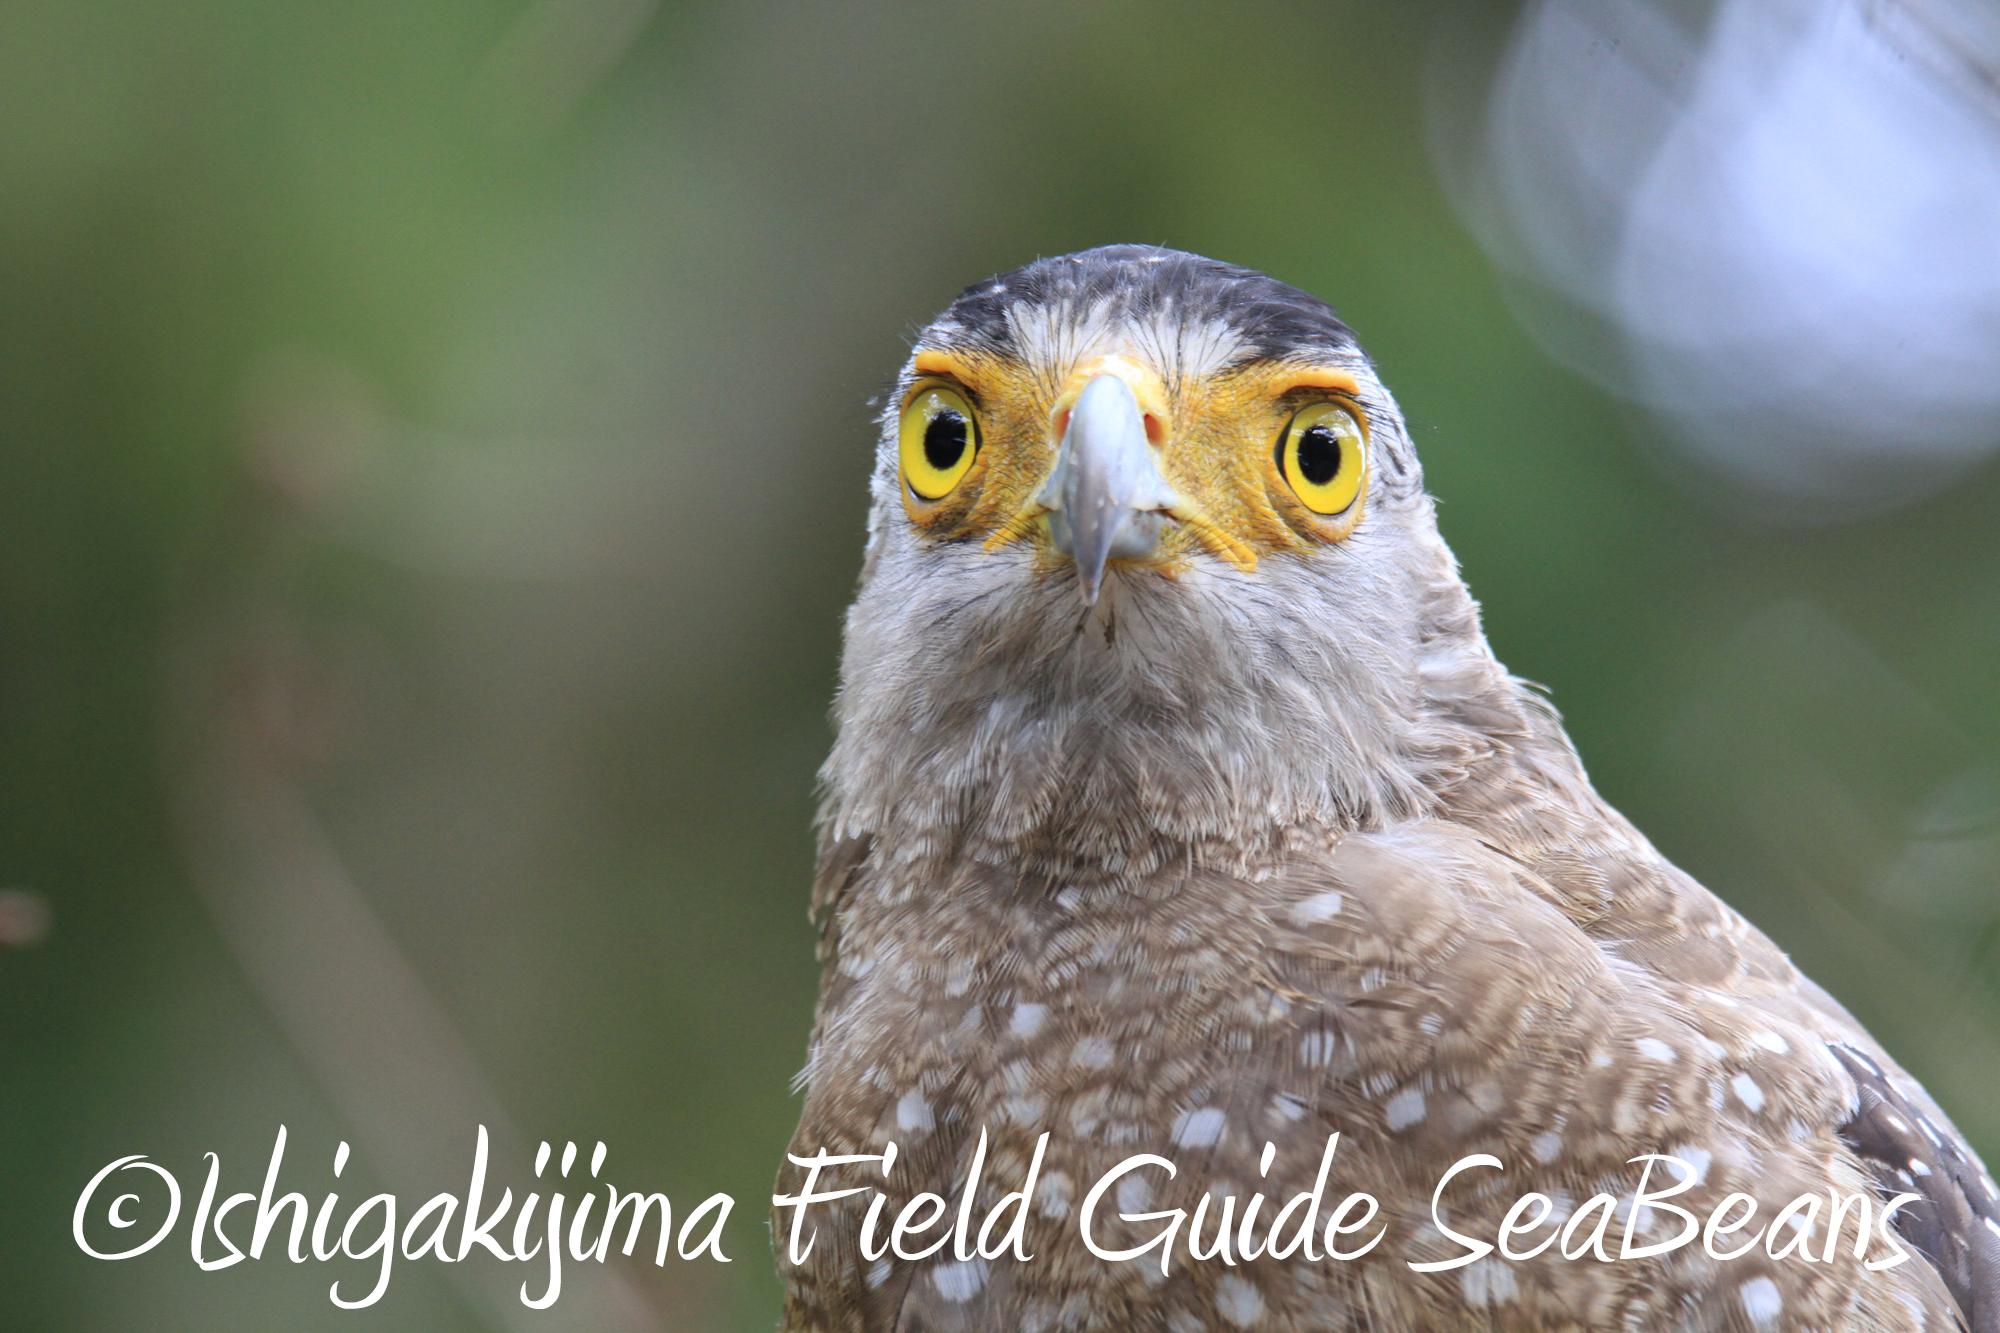 カンムリワシ&カタグロトビなど秋の石垣島は更に出会い沢山!!バードウオッチング&野鳥撮影。